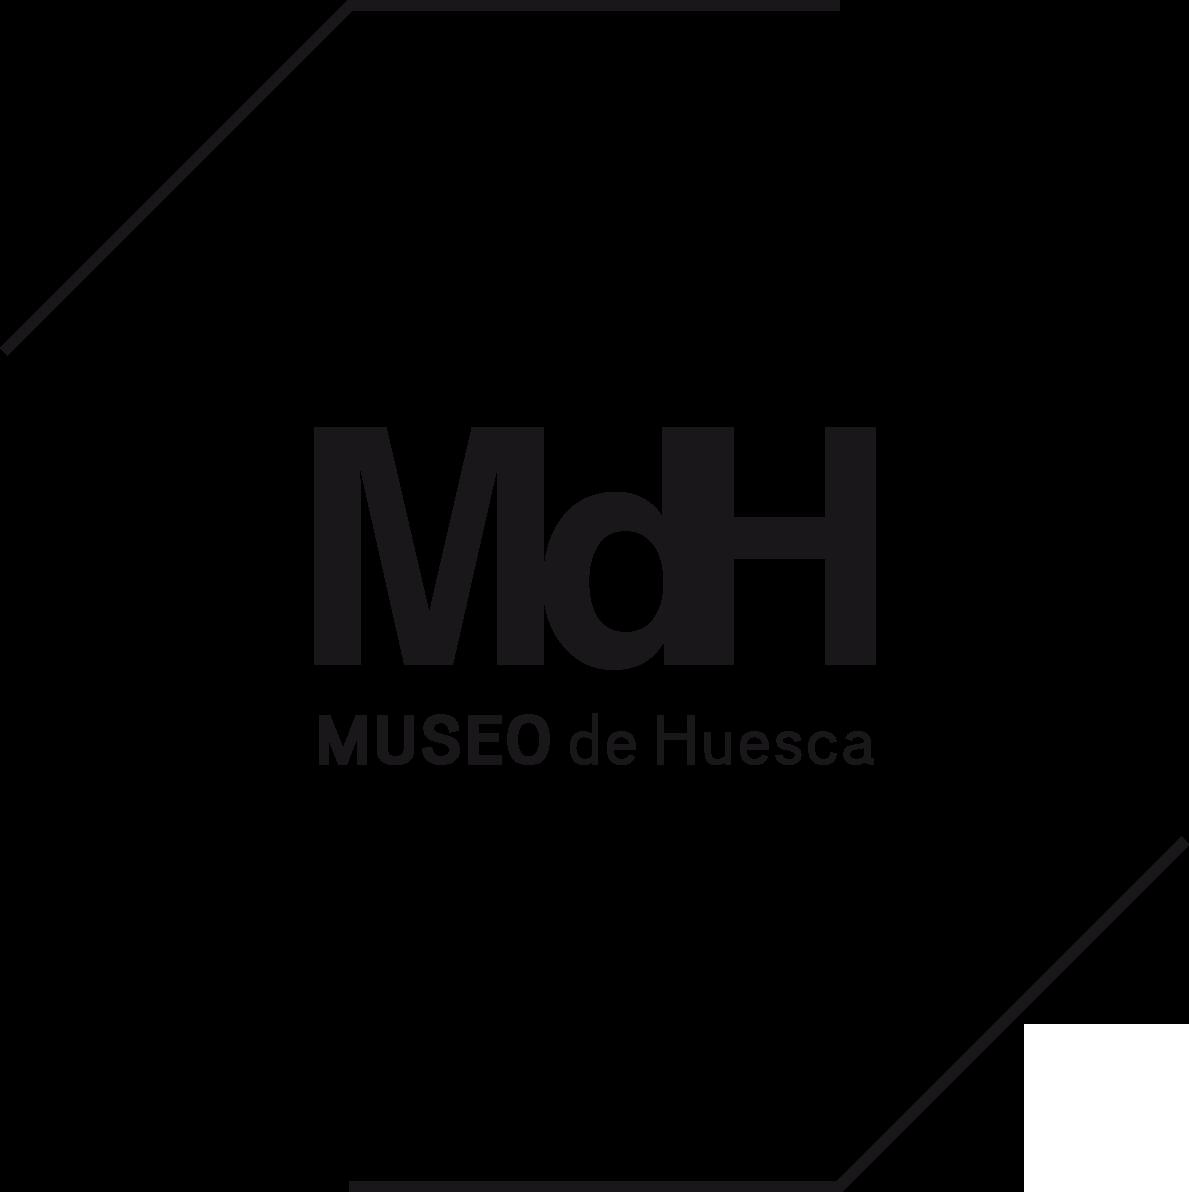 Logo Museo de Huesca